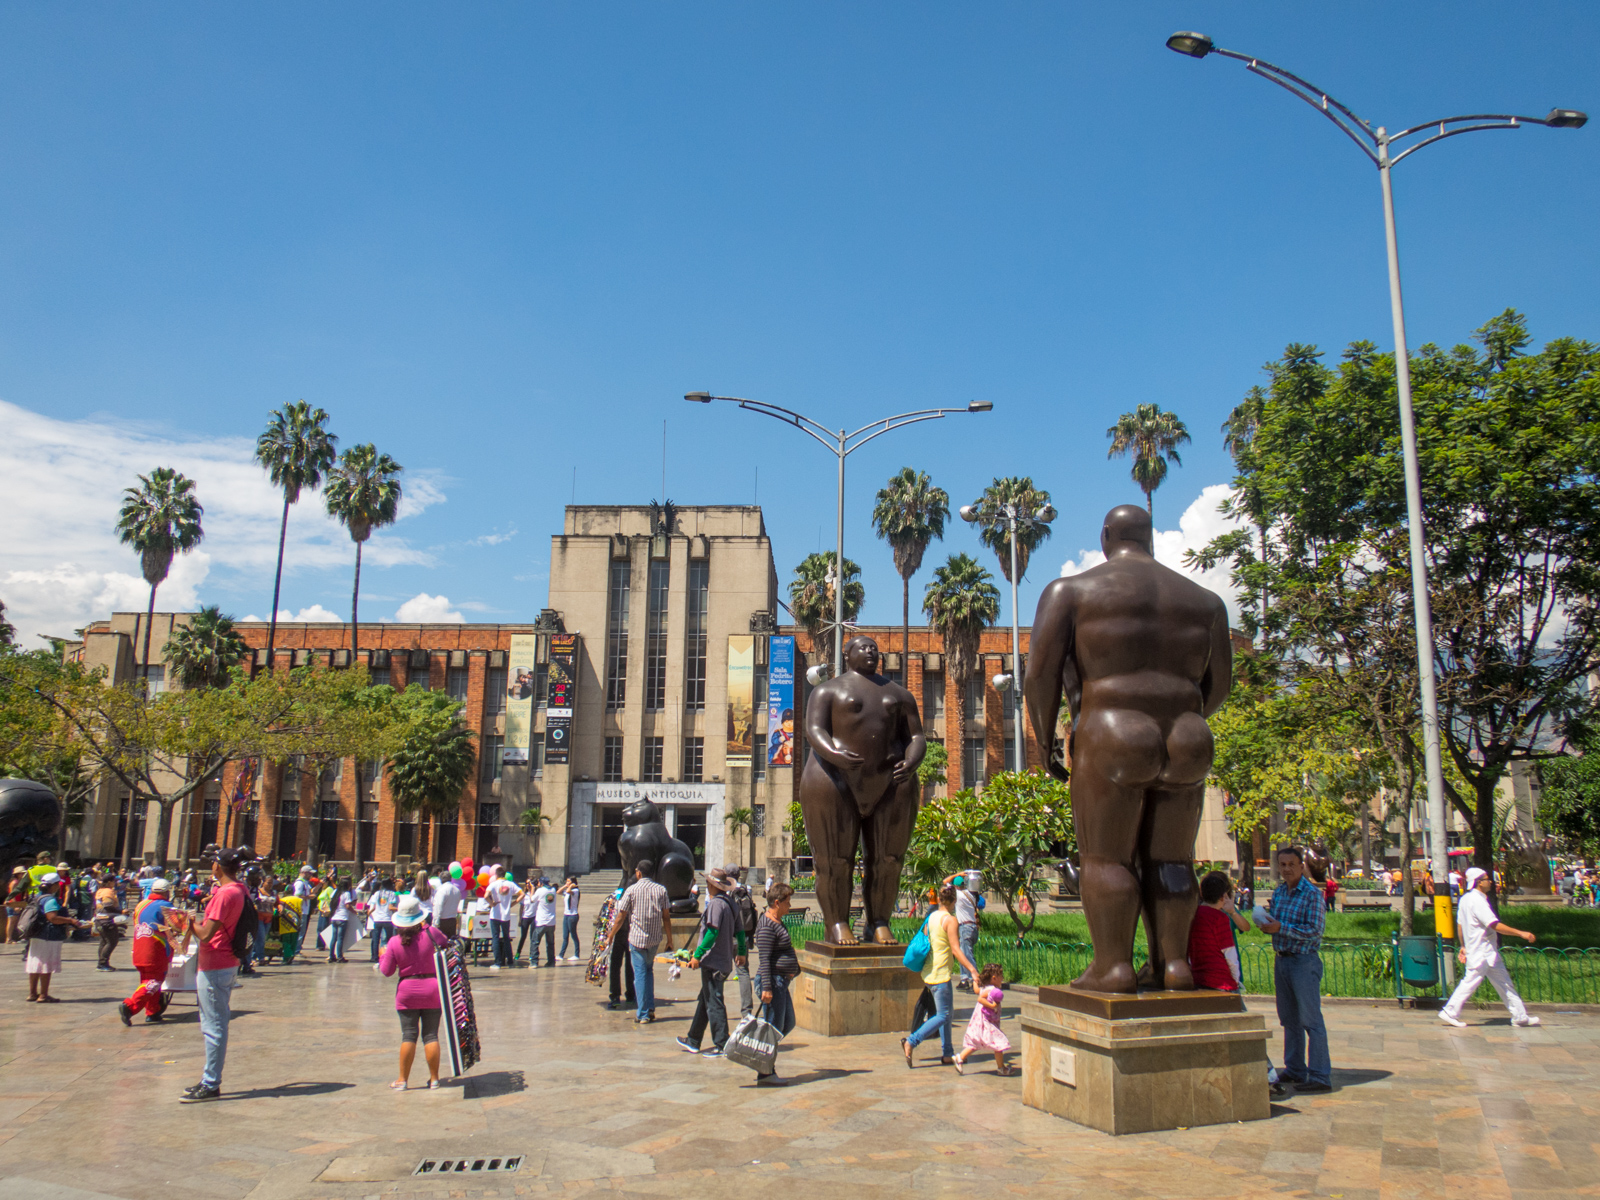 Botero Plaza in downtown Medellin